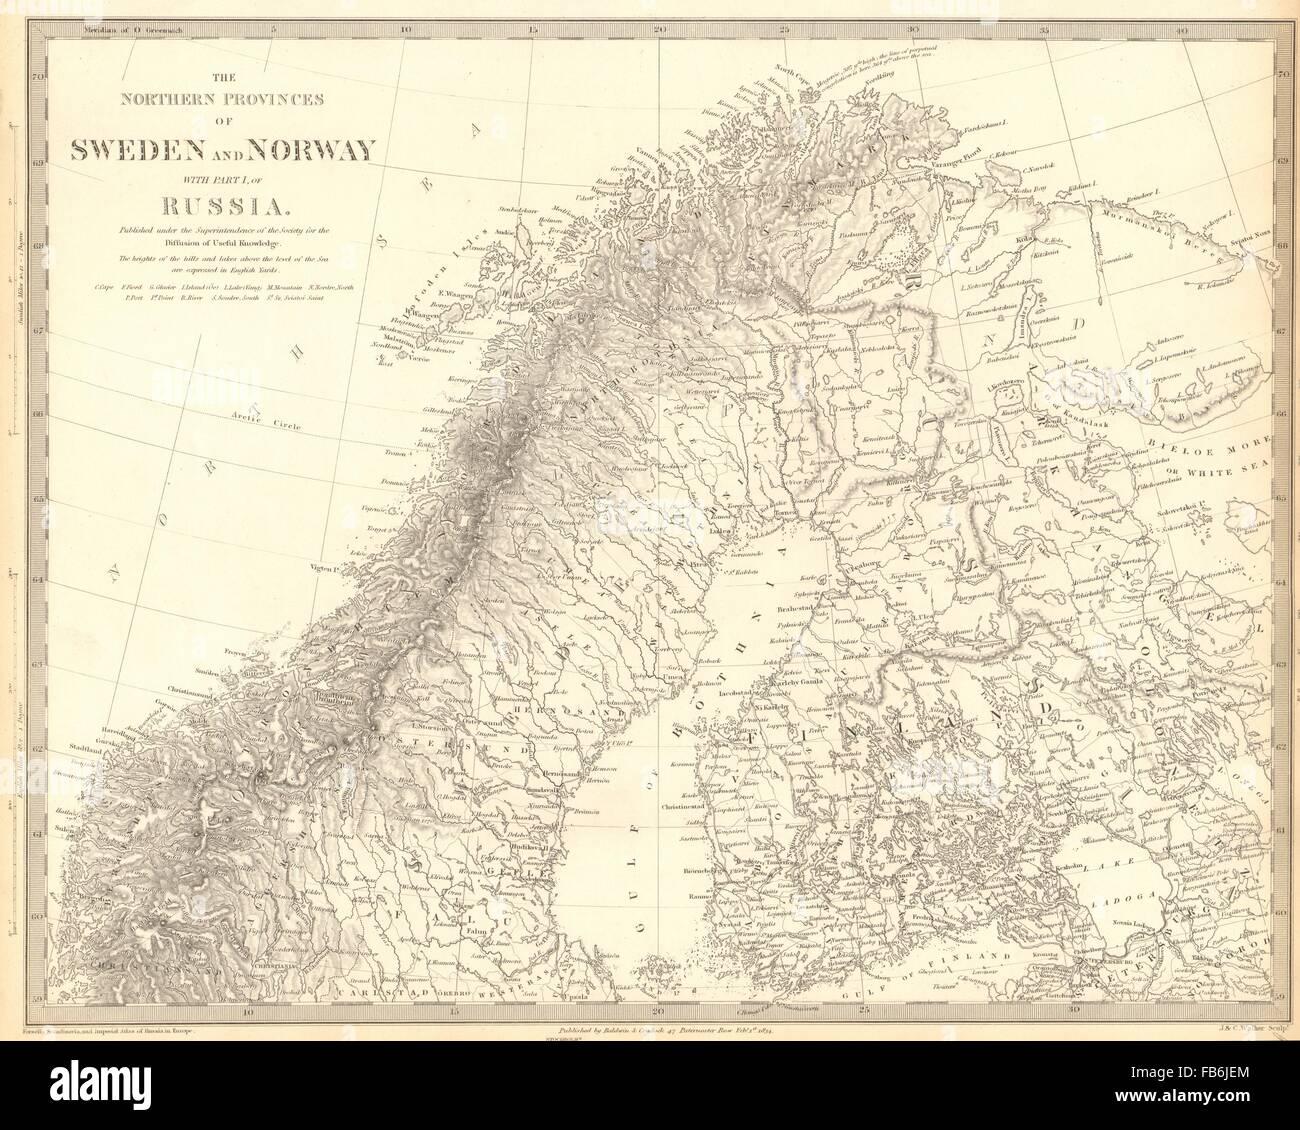 Finland Map Scandinavia Stockfotos & Finland Map Scandinavia Bilder ...